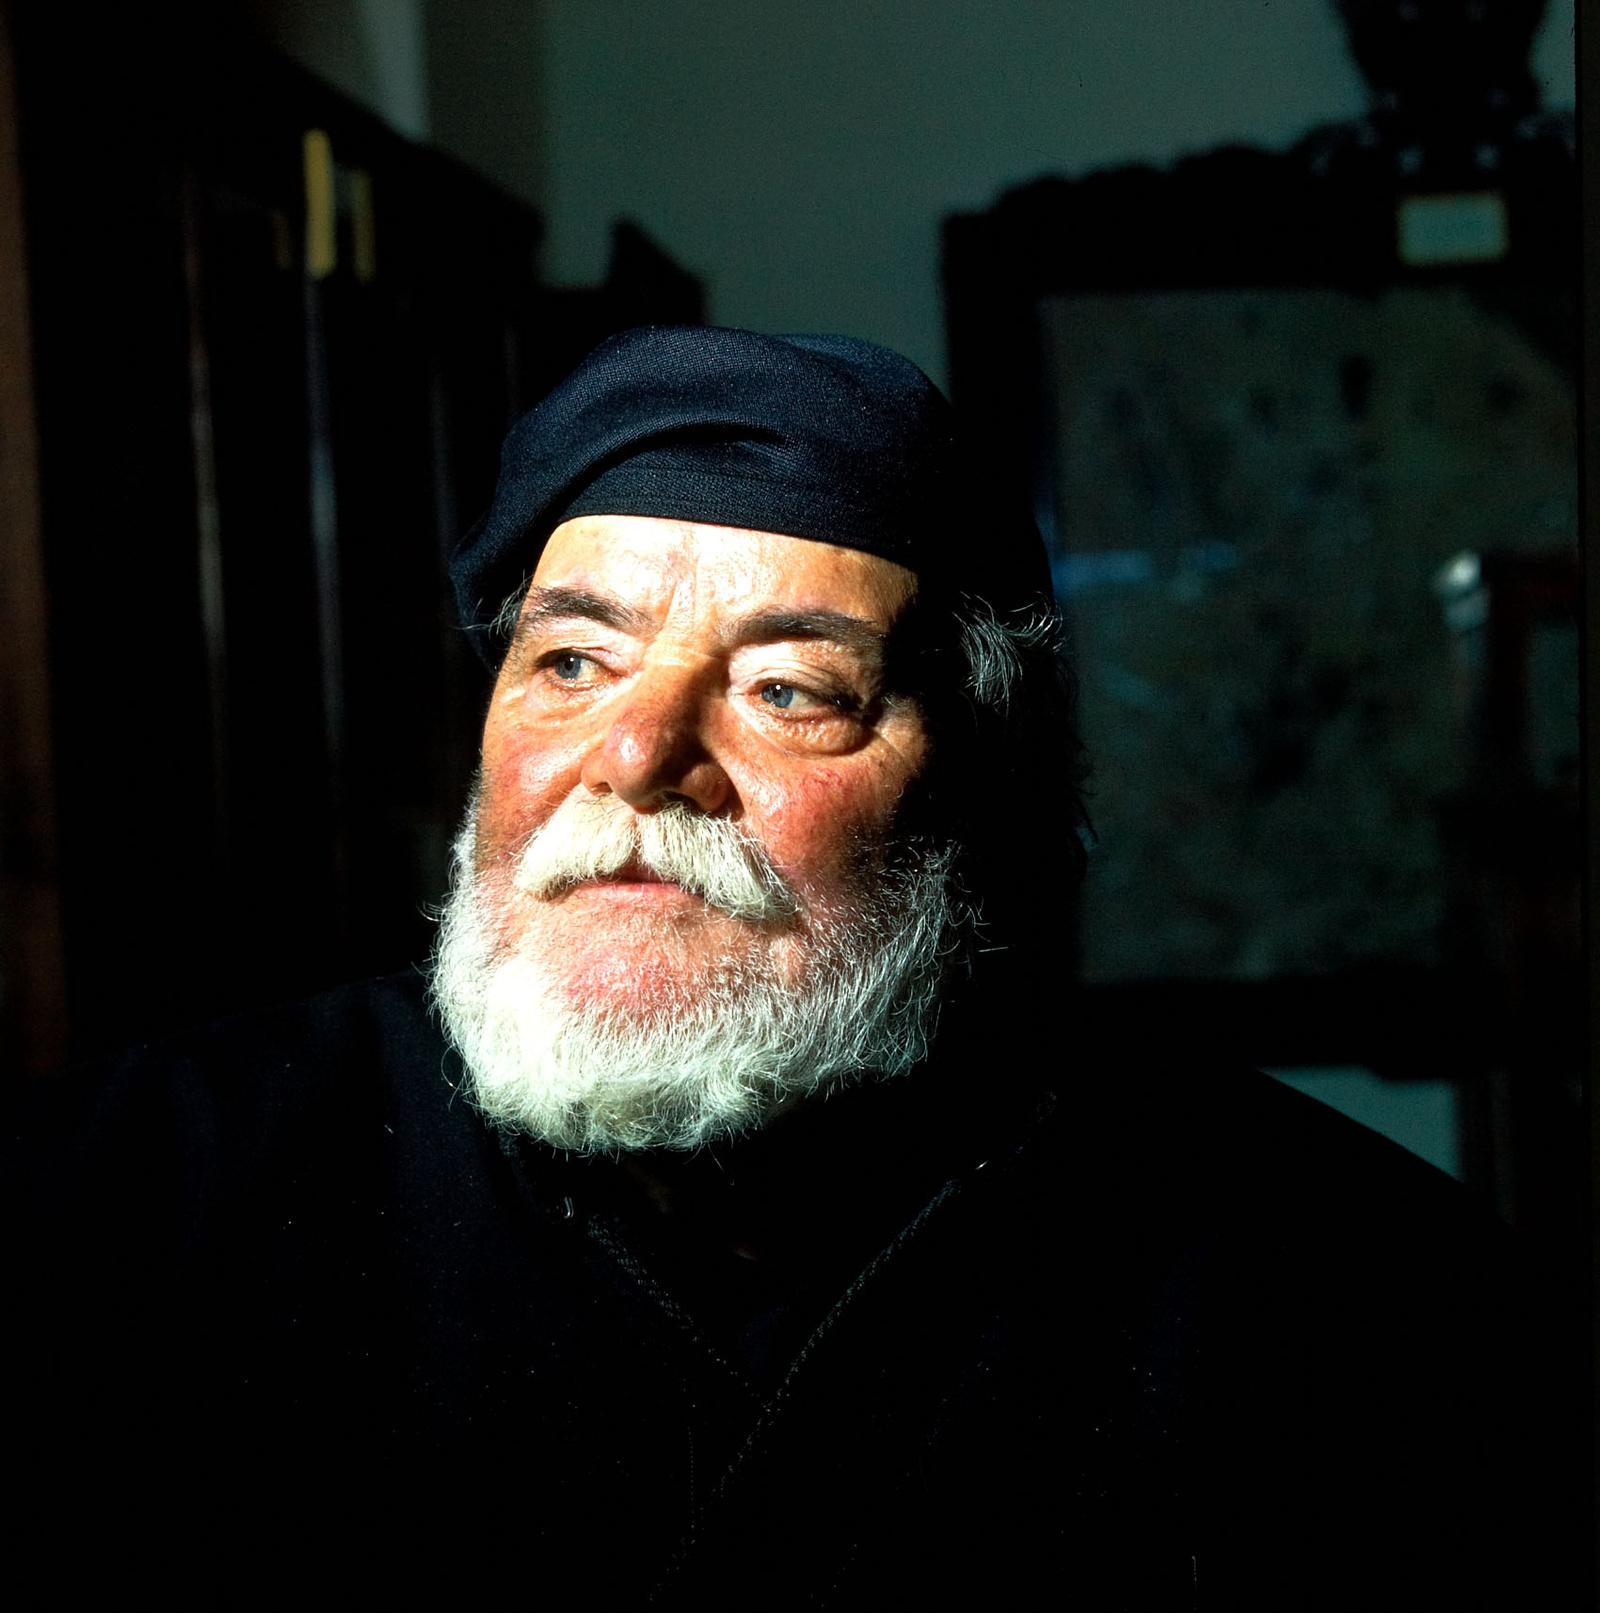 Крит. Монастырь Аркади. Монах